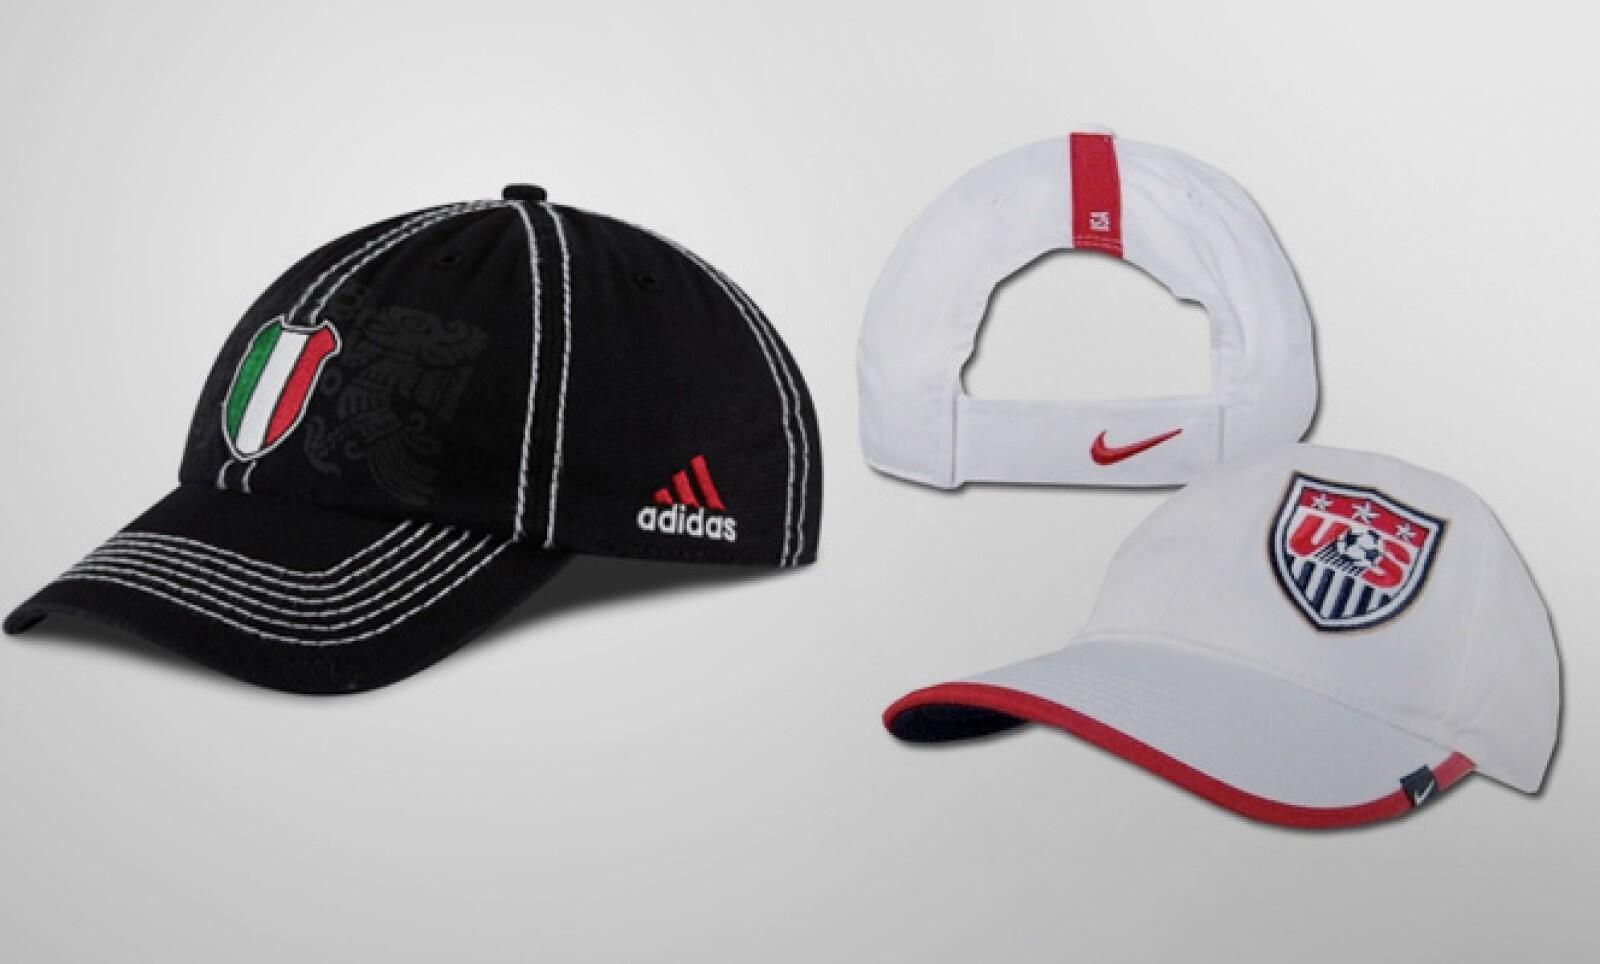 Una gorra del equipo mexicano cuesta 15 dólares, mientras que el accesorio del equipo estadounidense 12 dólares.